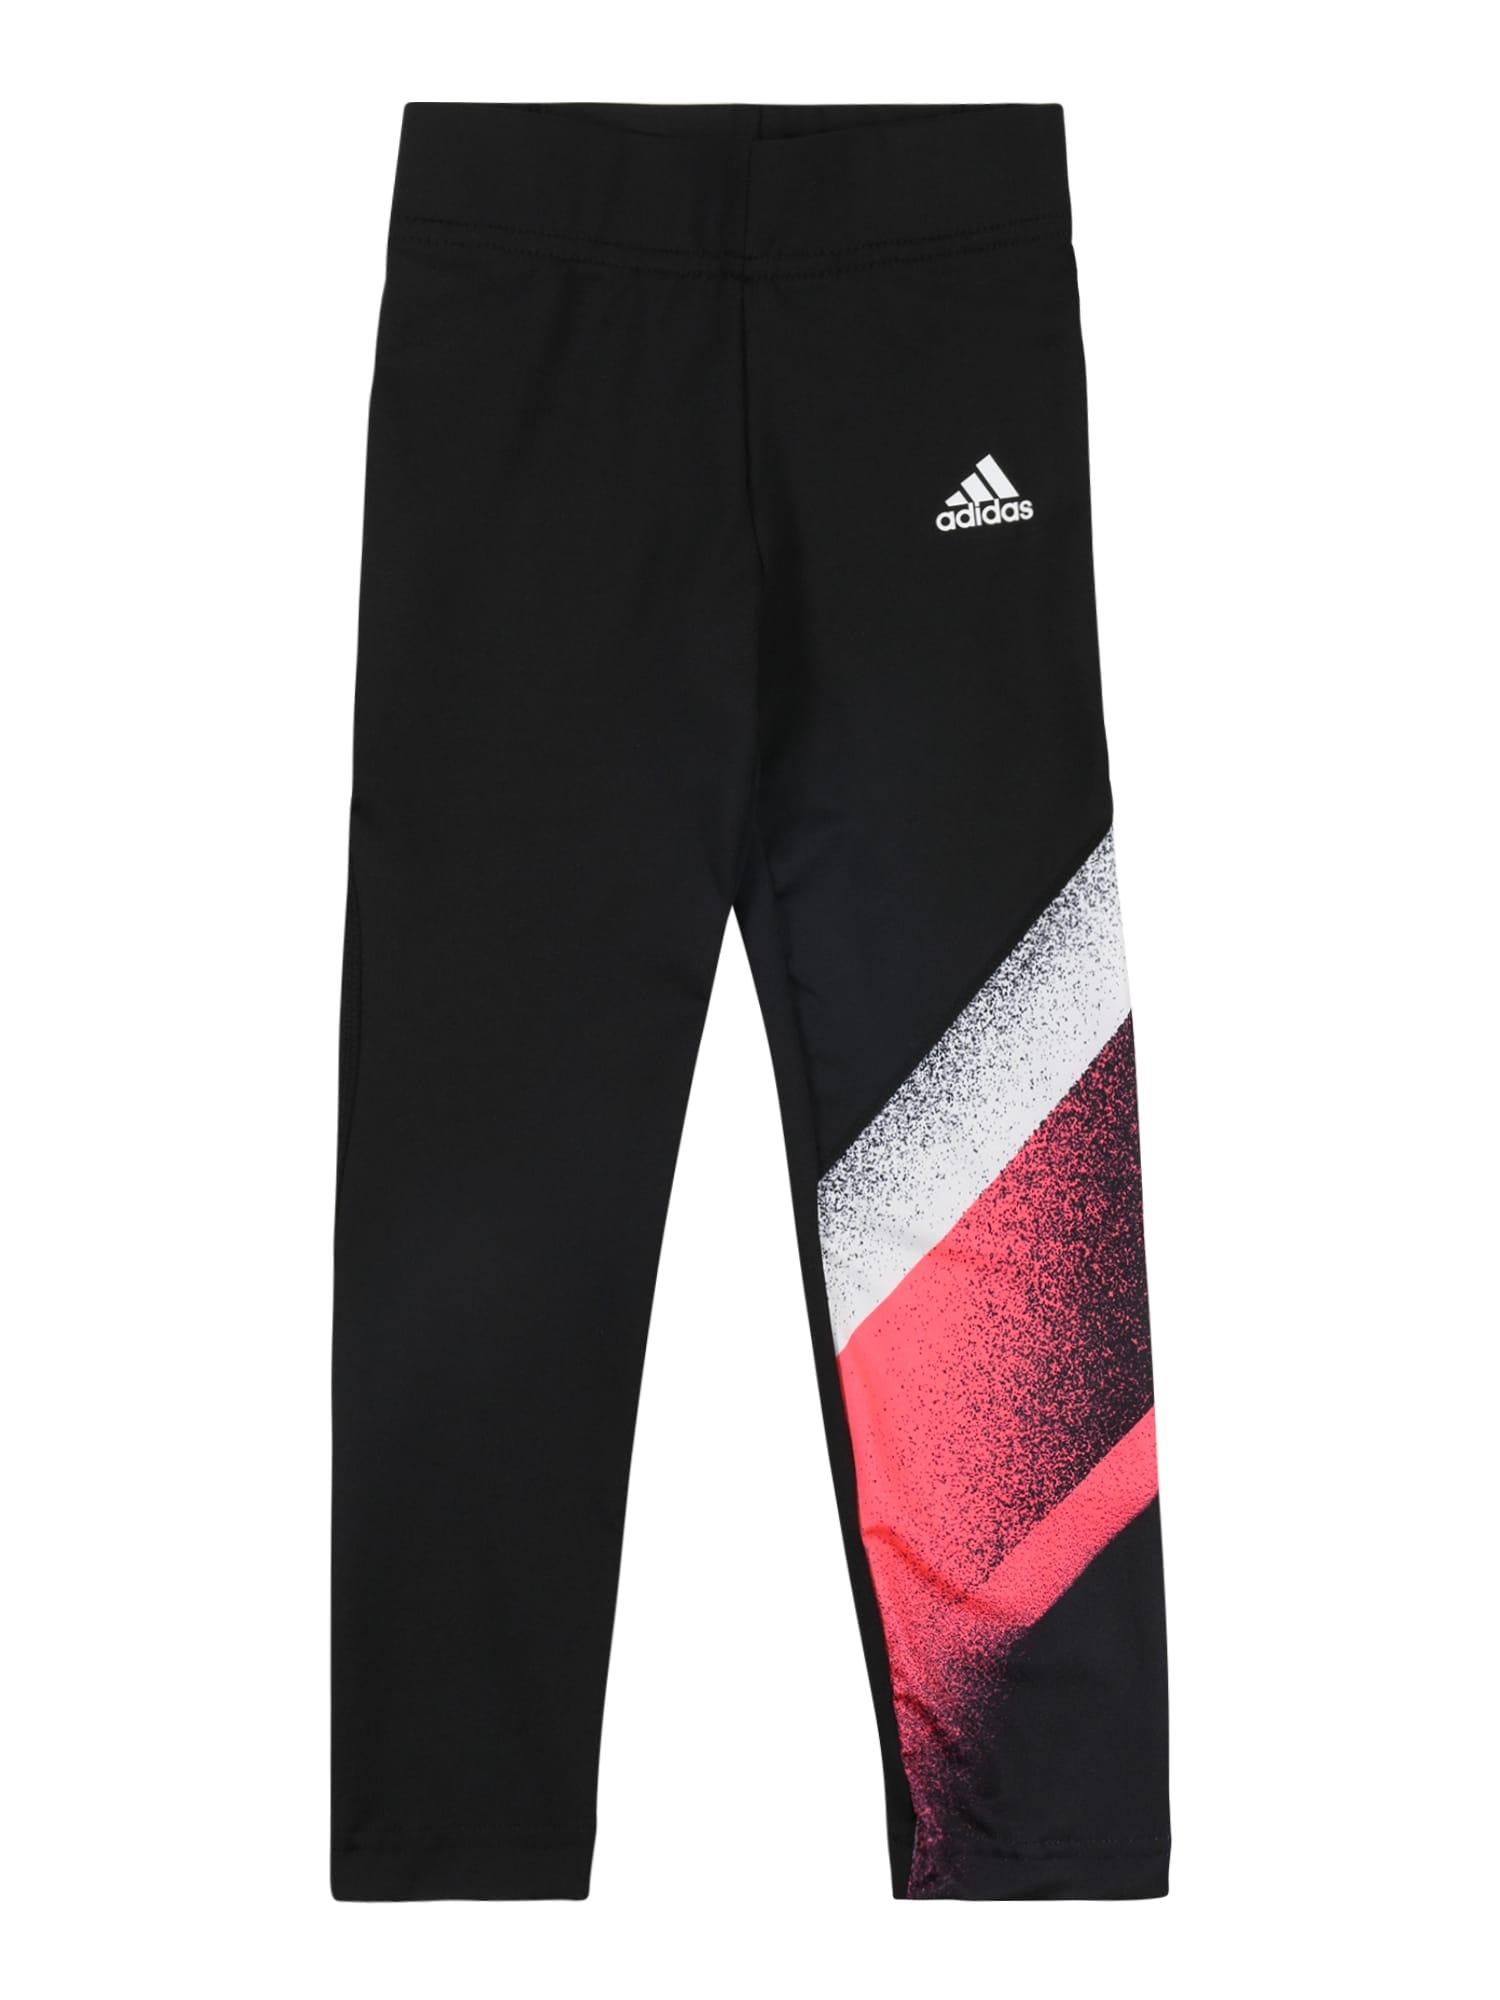 ADIDAS PERFORMANCE Sportovní kalhoty  černá / bílá / červená